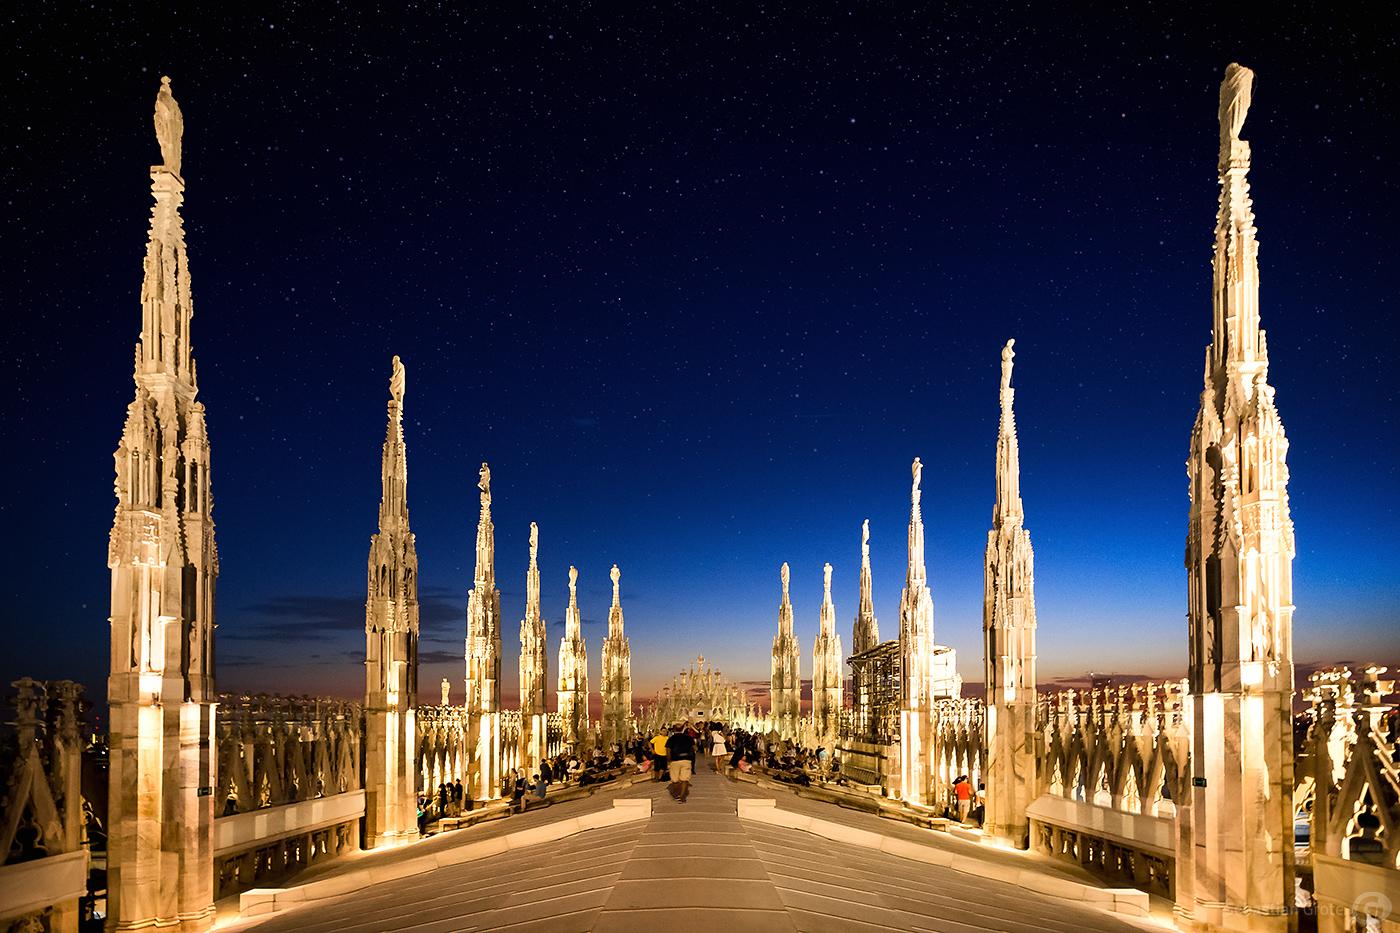 Mailand 2 Duomo di Milano